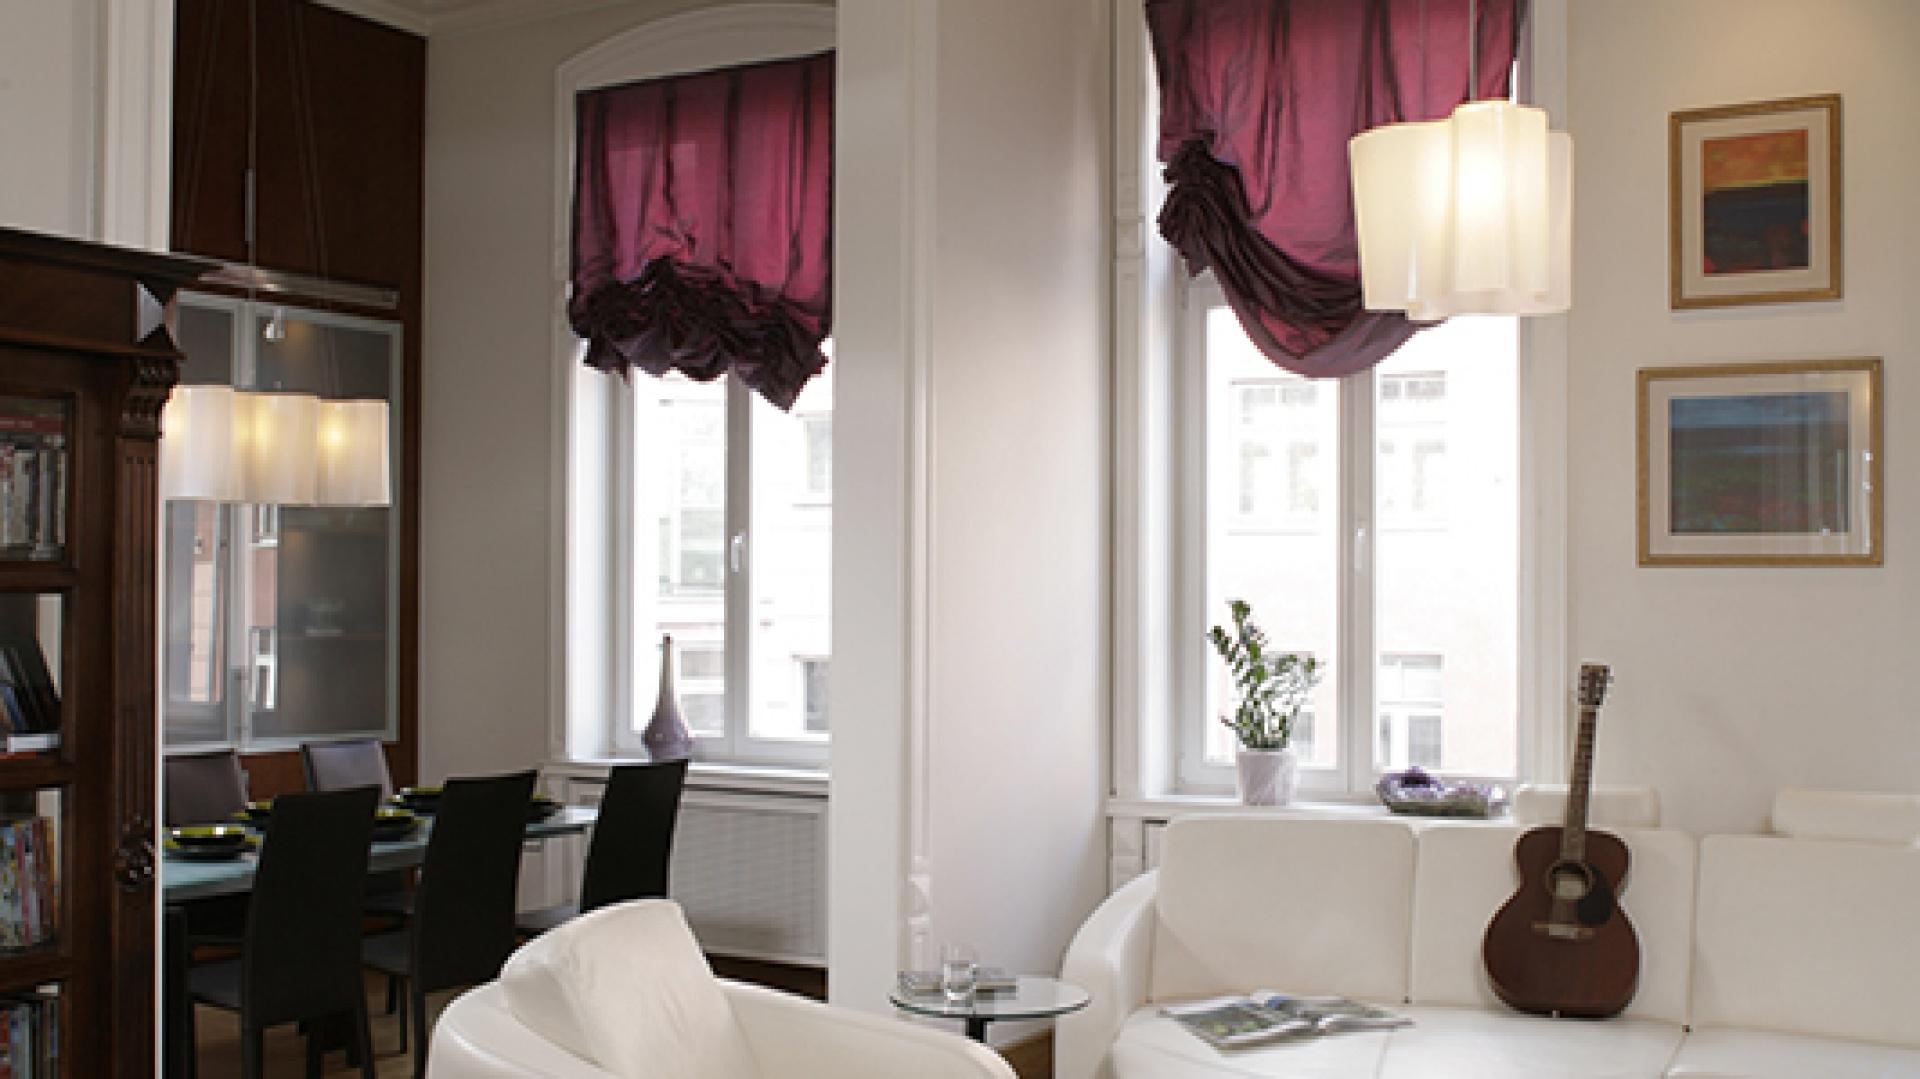 Gipsowa sztukateria ozdabia framugi okien, otwór wejściowy i krawędzie ścian. Dodaje im elegancji i burzy monotonię ich dużych, białych powierzchni. Fot. Bartosz Jarosz.